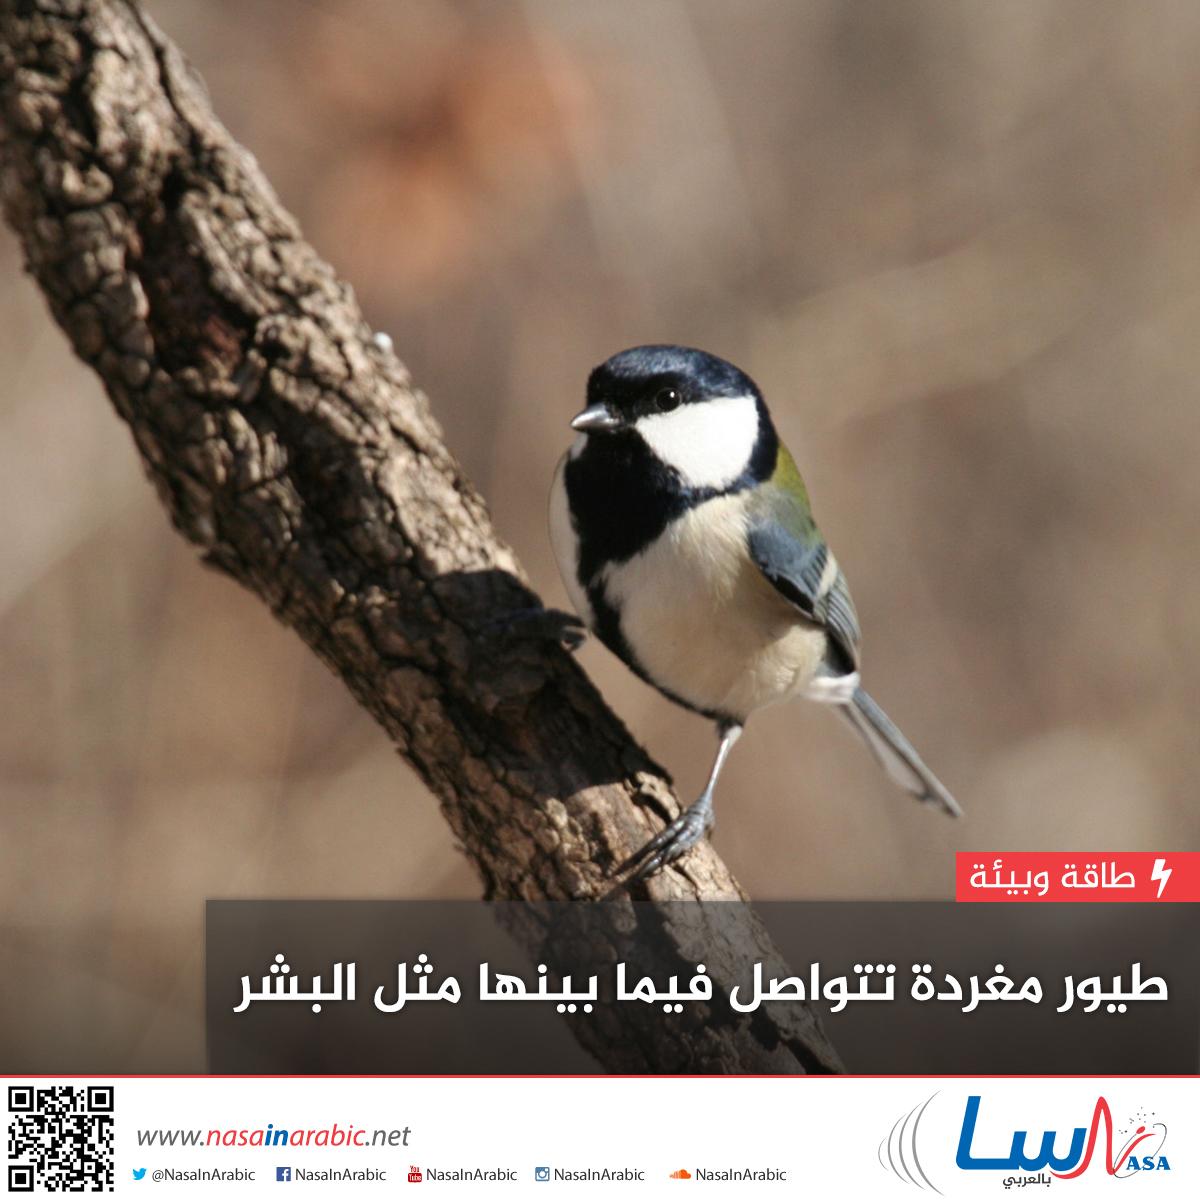 طيور مغردة تتواصل فيما بينها مثل البشر